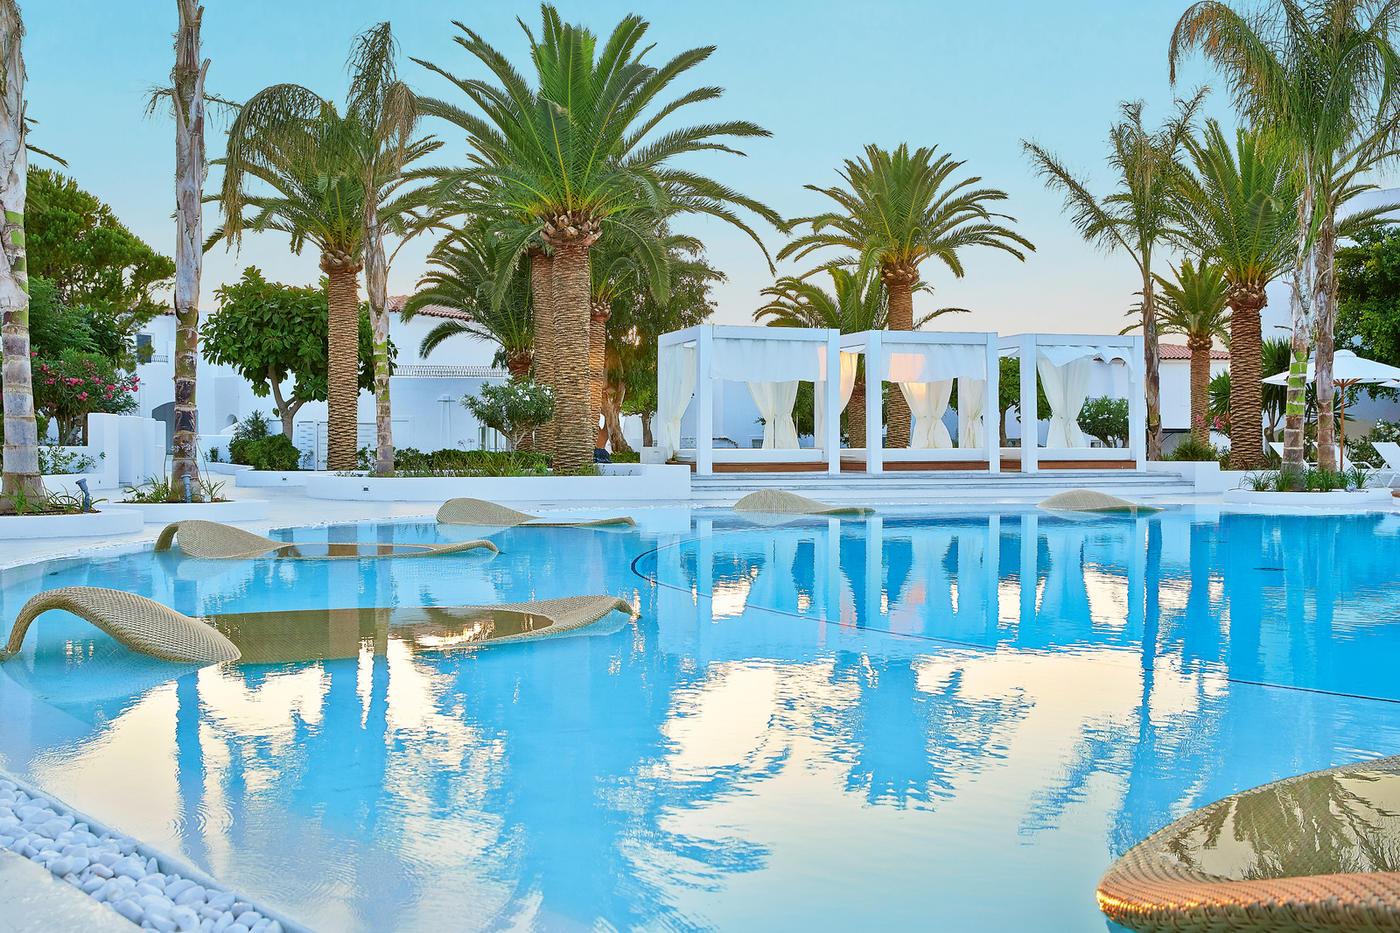 Auf den Daybeds am und im Pool könnt ihr bestens entspannen